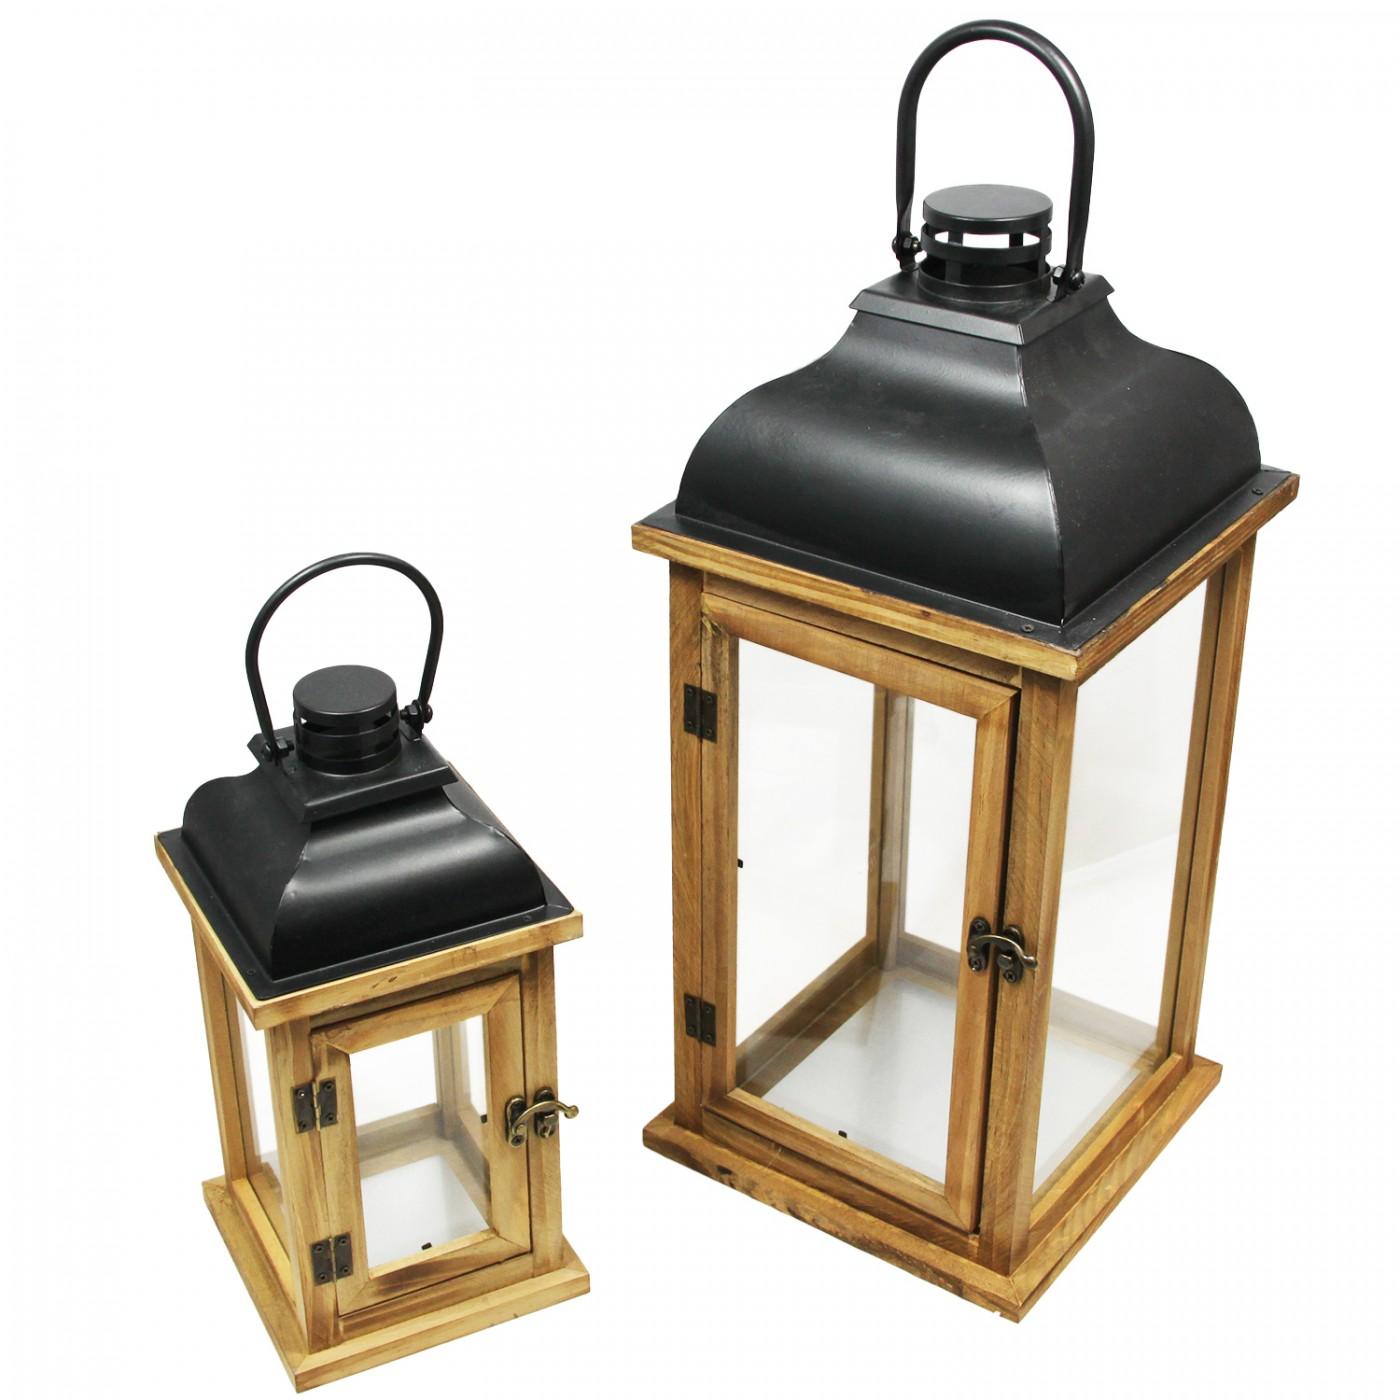 Zestaw Lampion latarenka drewniana mała i duża z uchwytem - boho - skandynawska